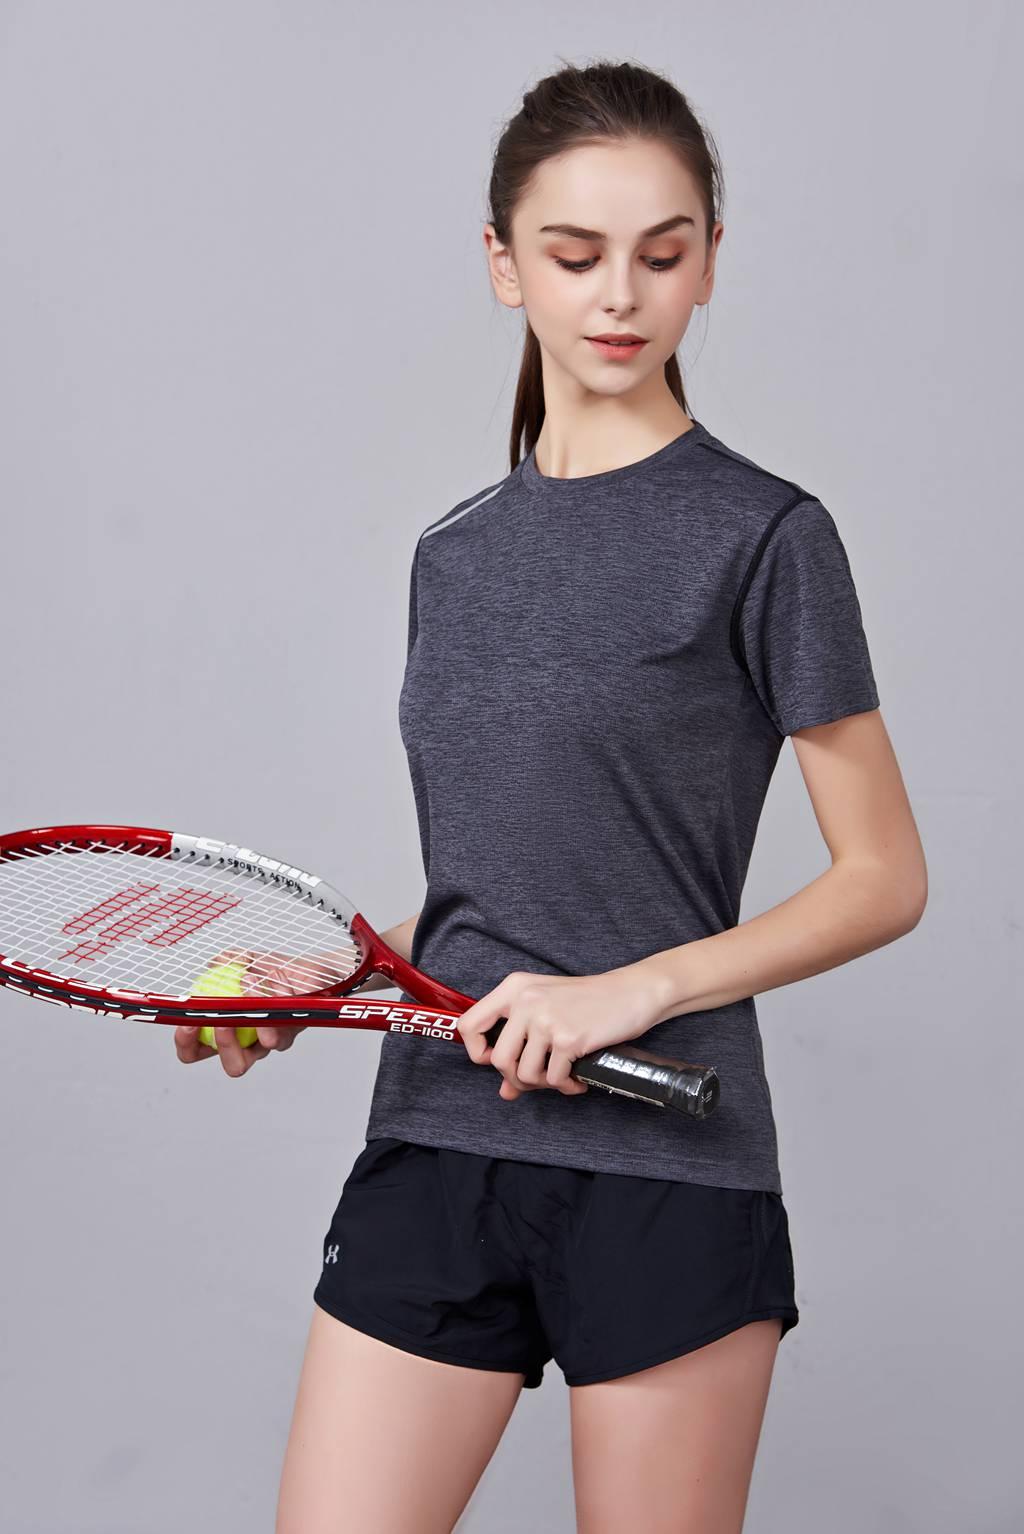 短袖T恤 潮流休闲款圆领吸汗运动上衣 女款深灰色